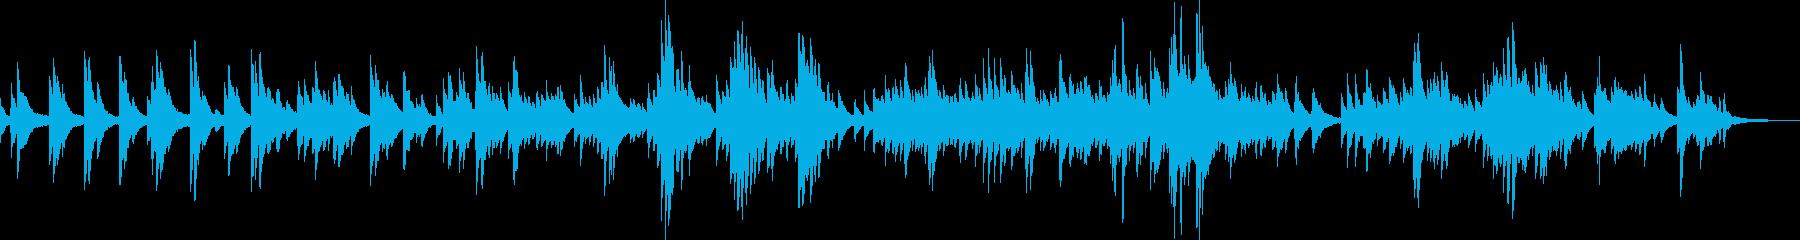 小さな幸せ(ピアノ・優しい・切ない)の再生済みの波形